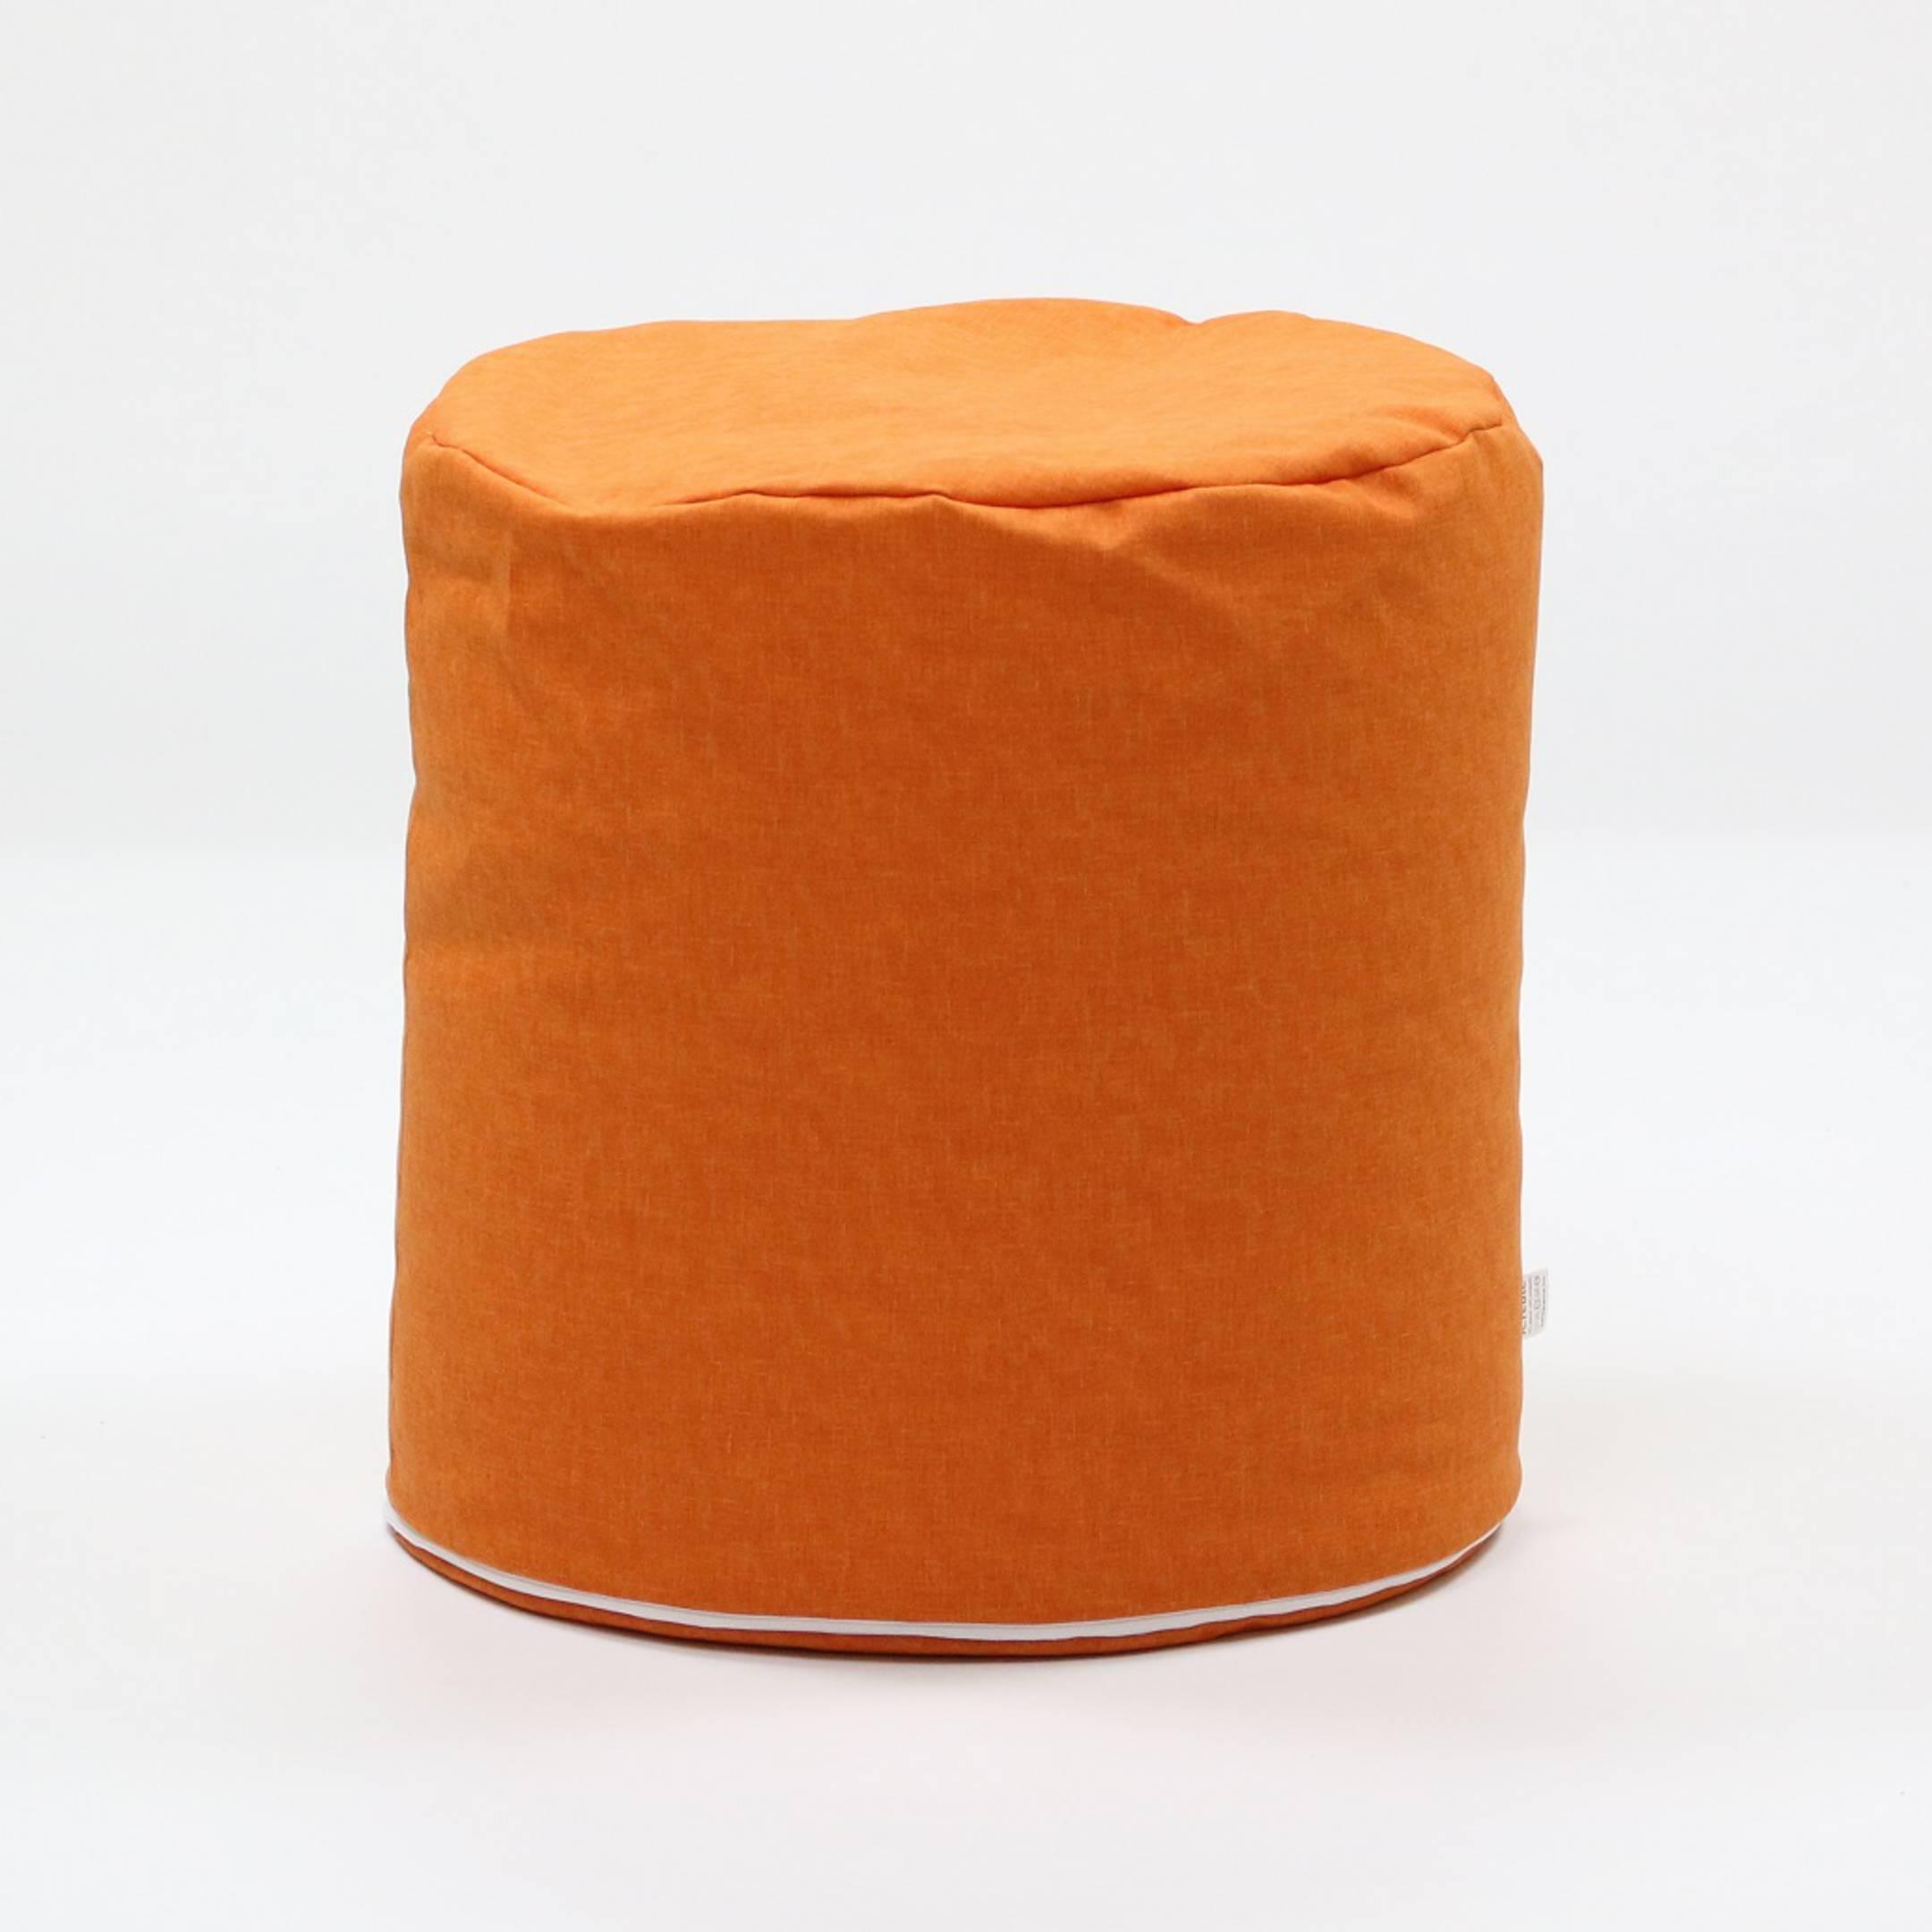 praktischer sitzsack hocker f r drinnen und drau en. Black Bedroom Furniture Sets. Home Design Ideas